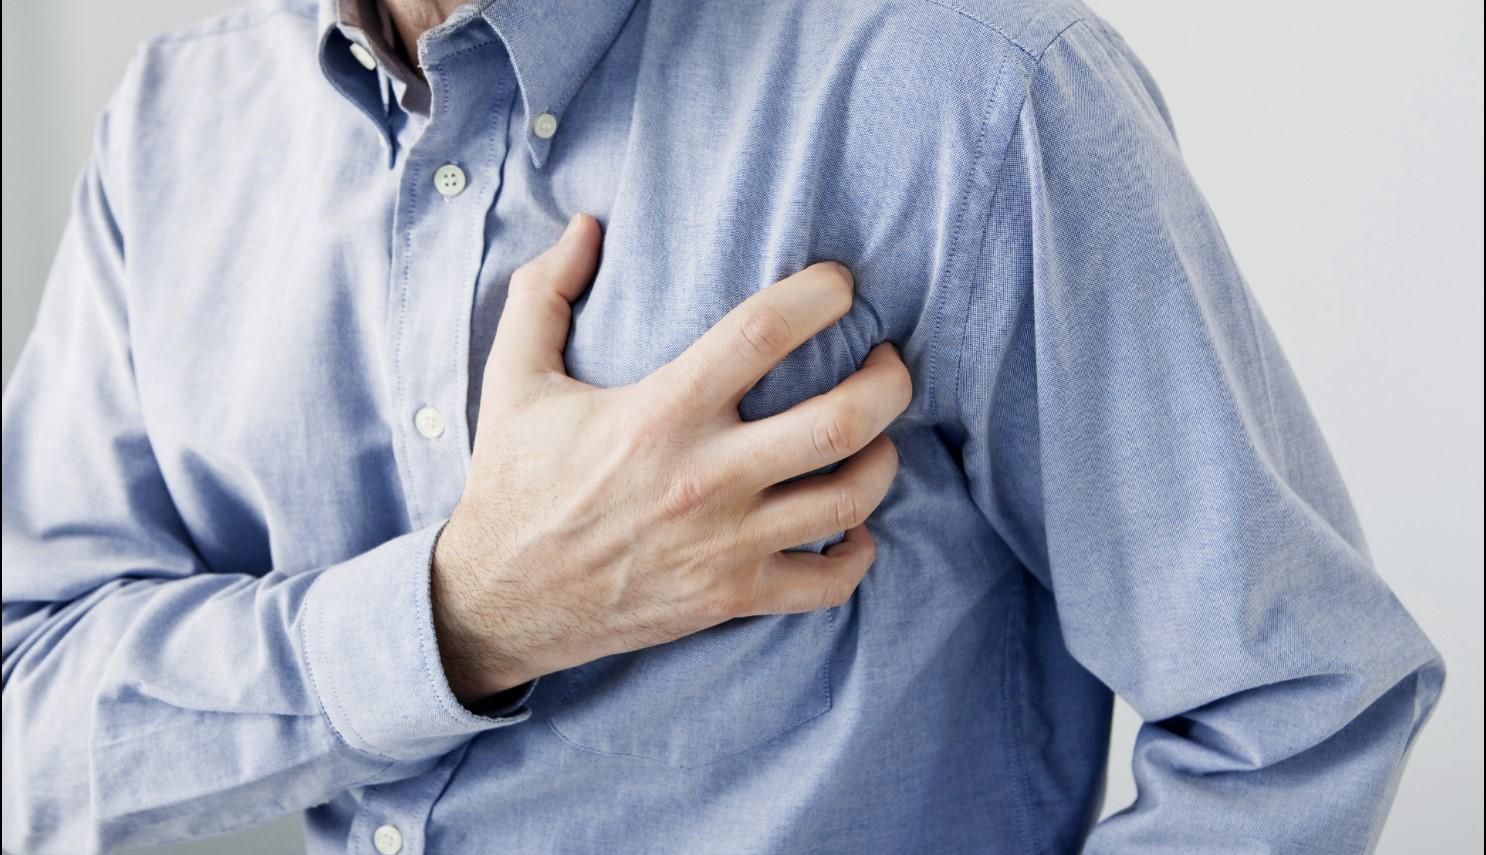 Đừng chủ quan nếu bạn thường xuyên bị ợ nóng bởi nó có thể ngầm báo một số vấn đề sức khỏe - Ảnh 2